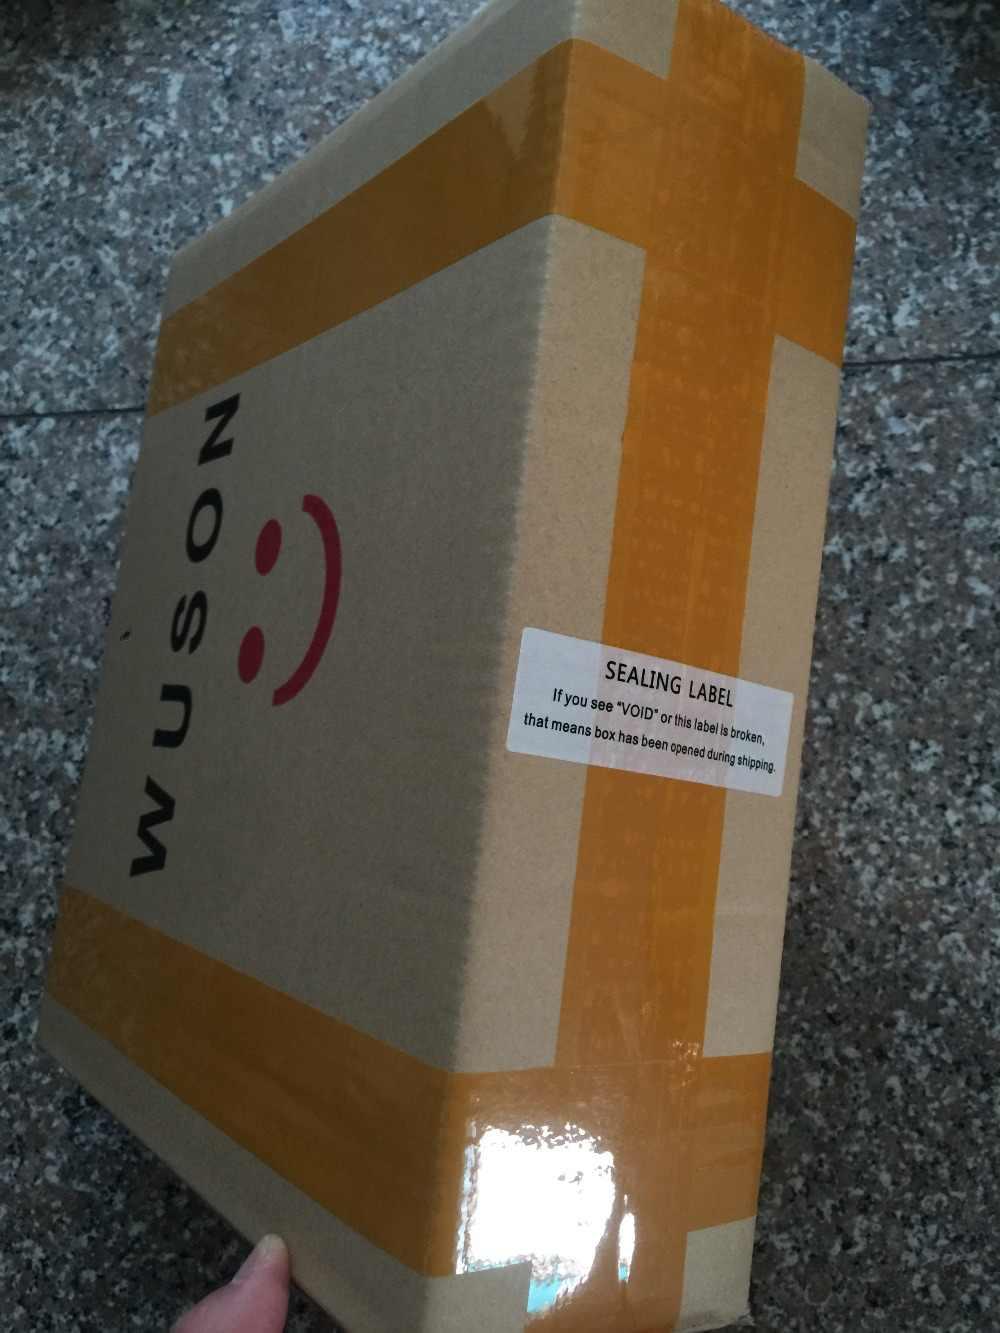 العلامة التجارية موبو هوانان تشى ديلوكس X79 اللوحة مع M.2 NVMe فتحة خصم اللوحة حزمة وحدة المعالجة المركزية زيون E5 2660 C2 RAM 32G (2*16G)